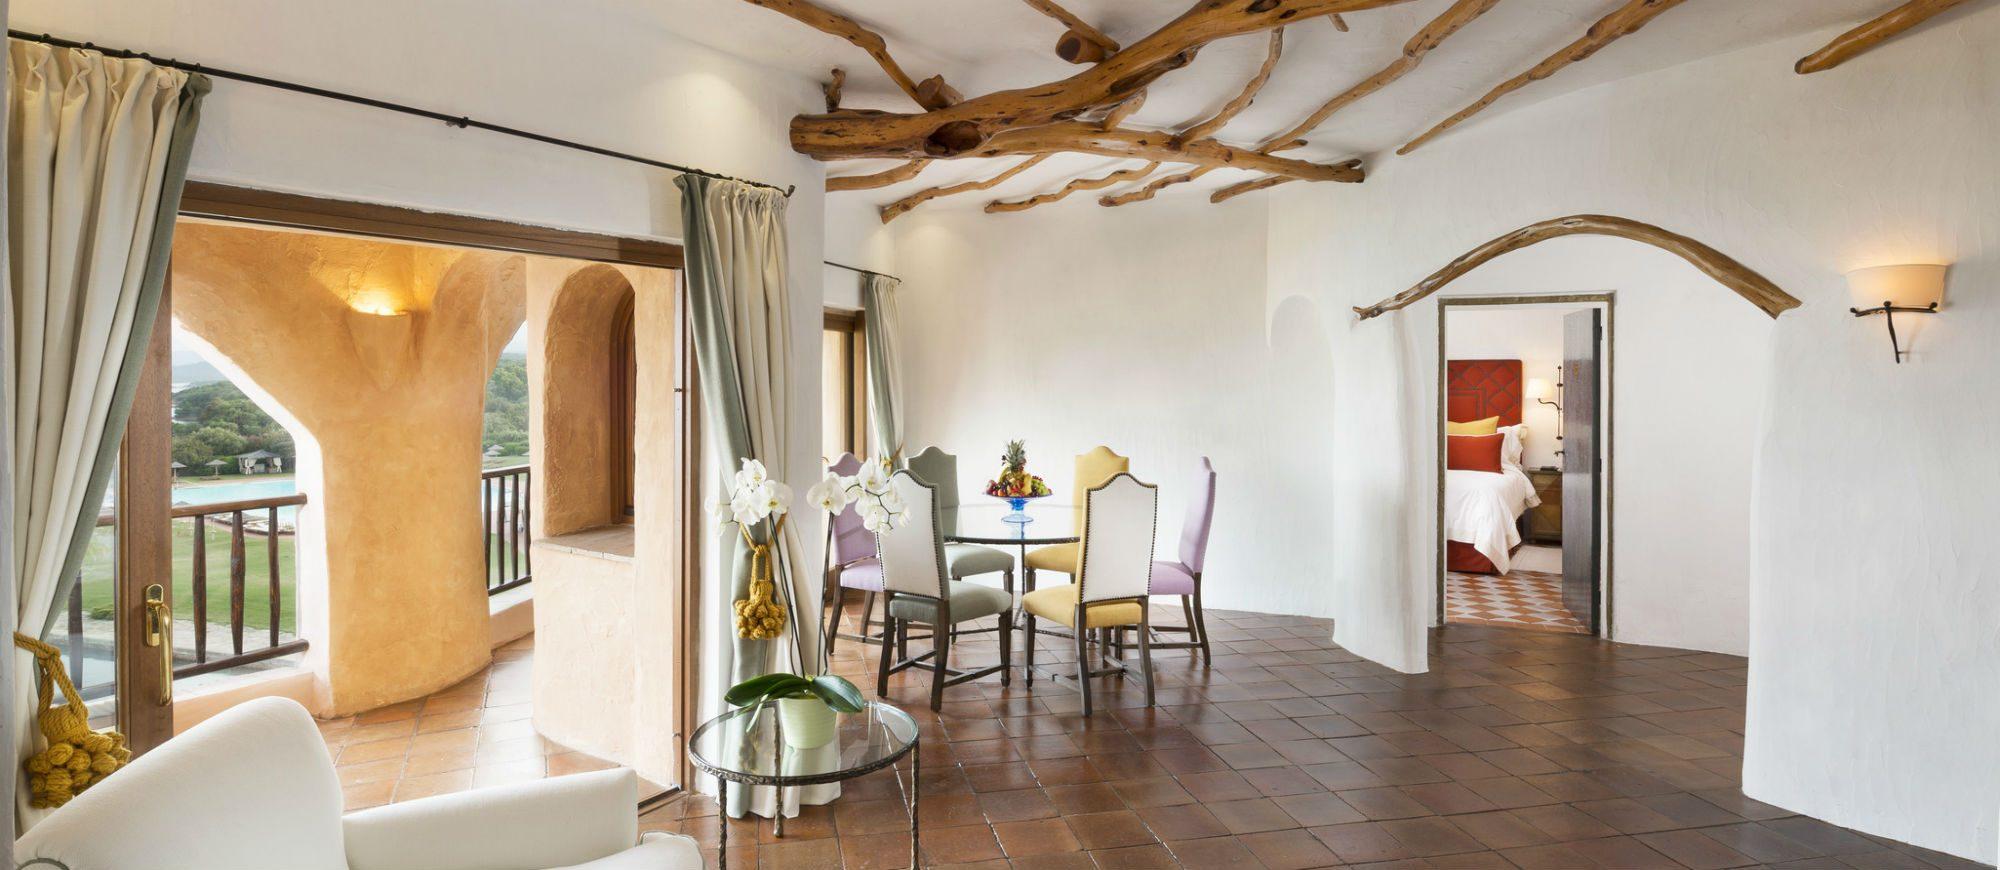 pent-main8-lux59gr-155343-penthouse-suite-living-room